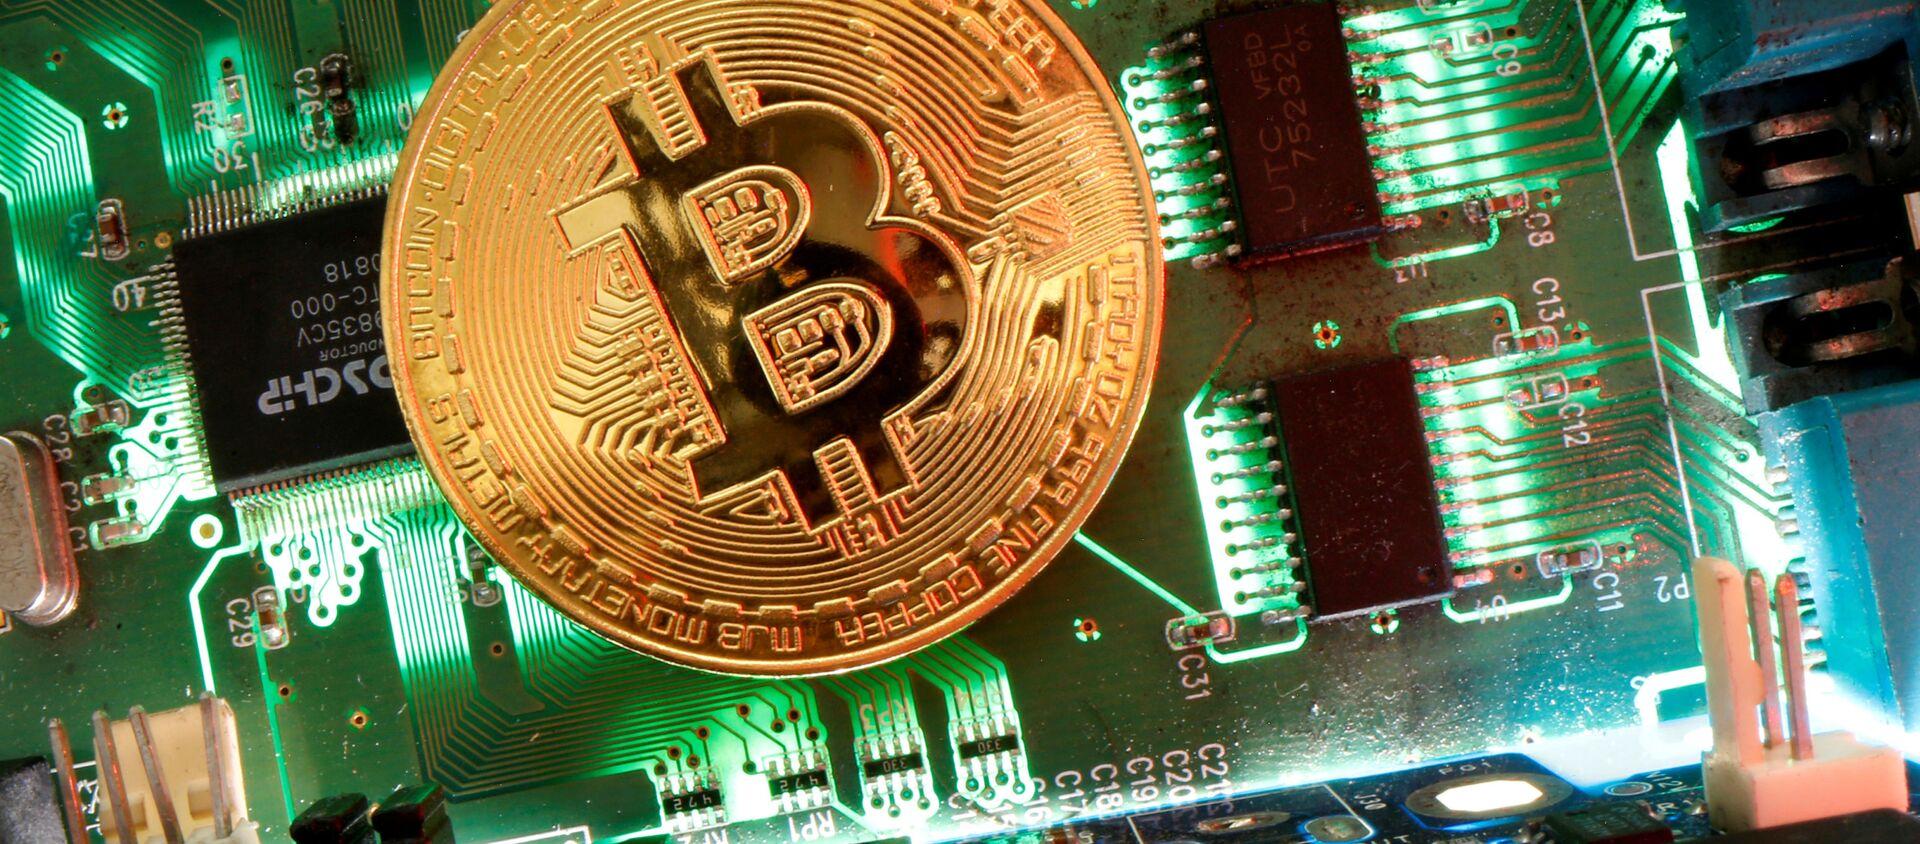 Đại diện của tiền ảo Bitcoin được nhìn thấy trên bo mạch chủ trong hình minh họa này được chụp vào ngày 24 tháng 4 năm 2020 - Sputnik Việt Nam, 1920, 21.03.2021